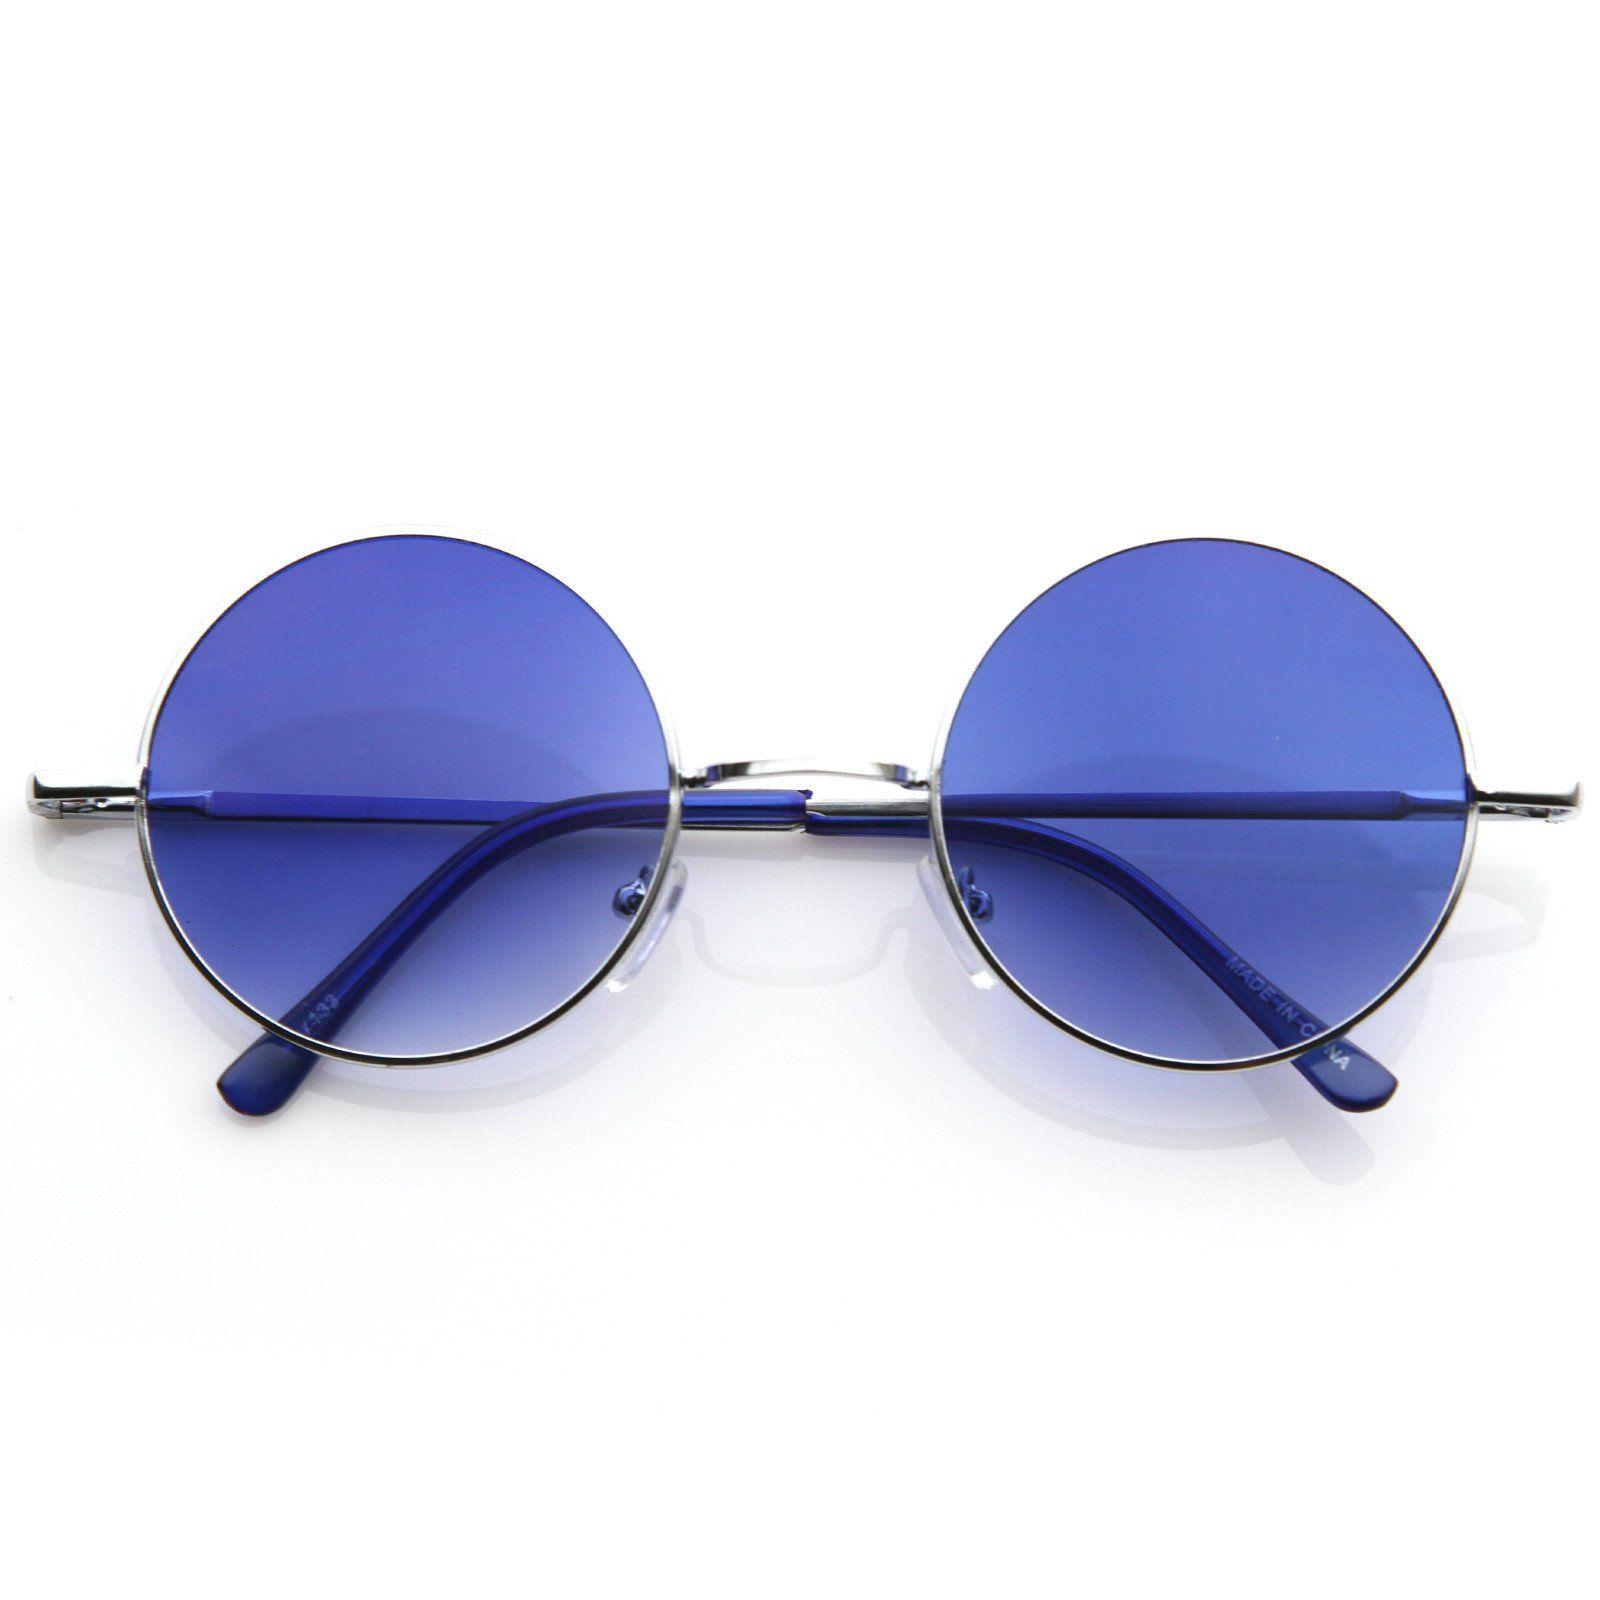 9c7494f69b8 Silver Blue